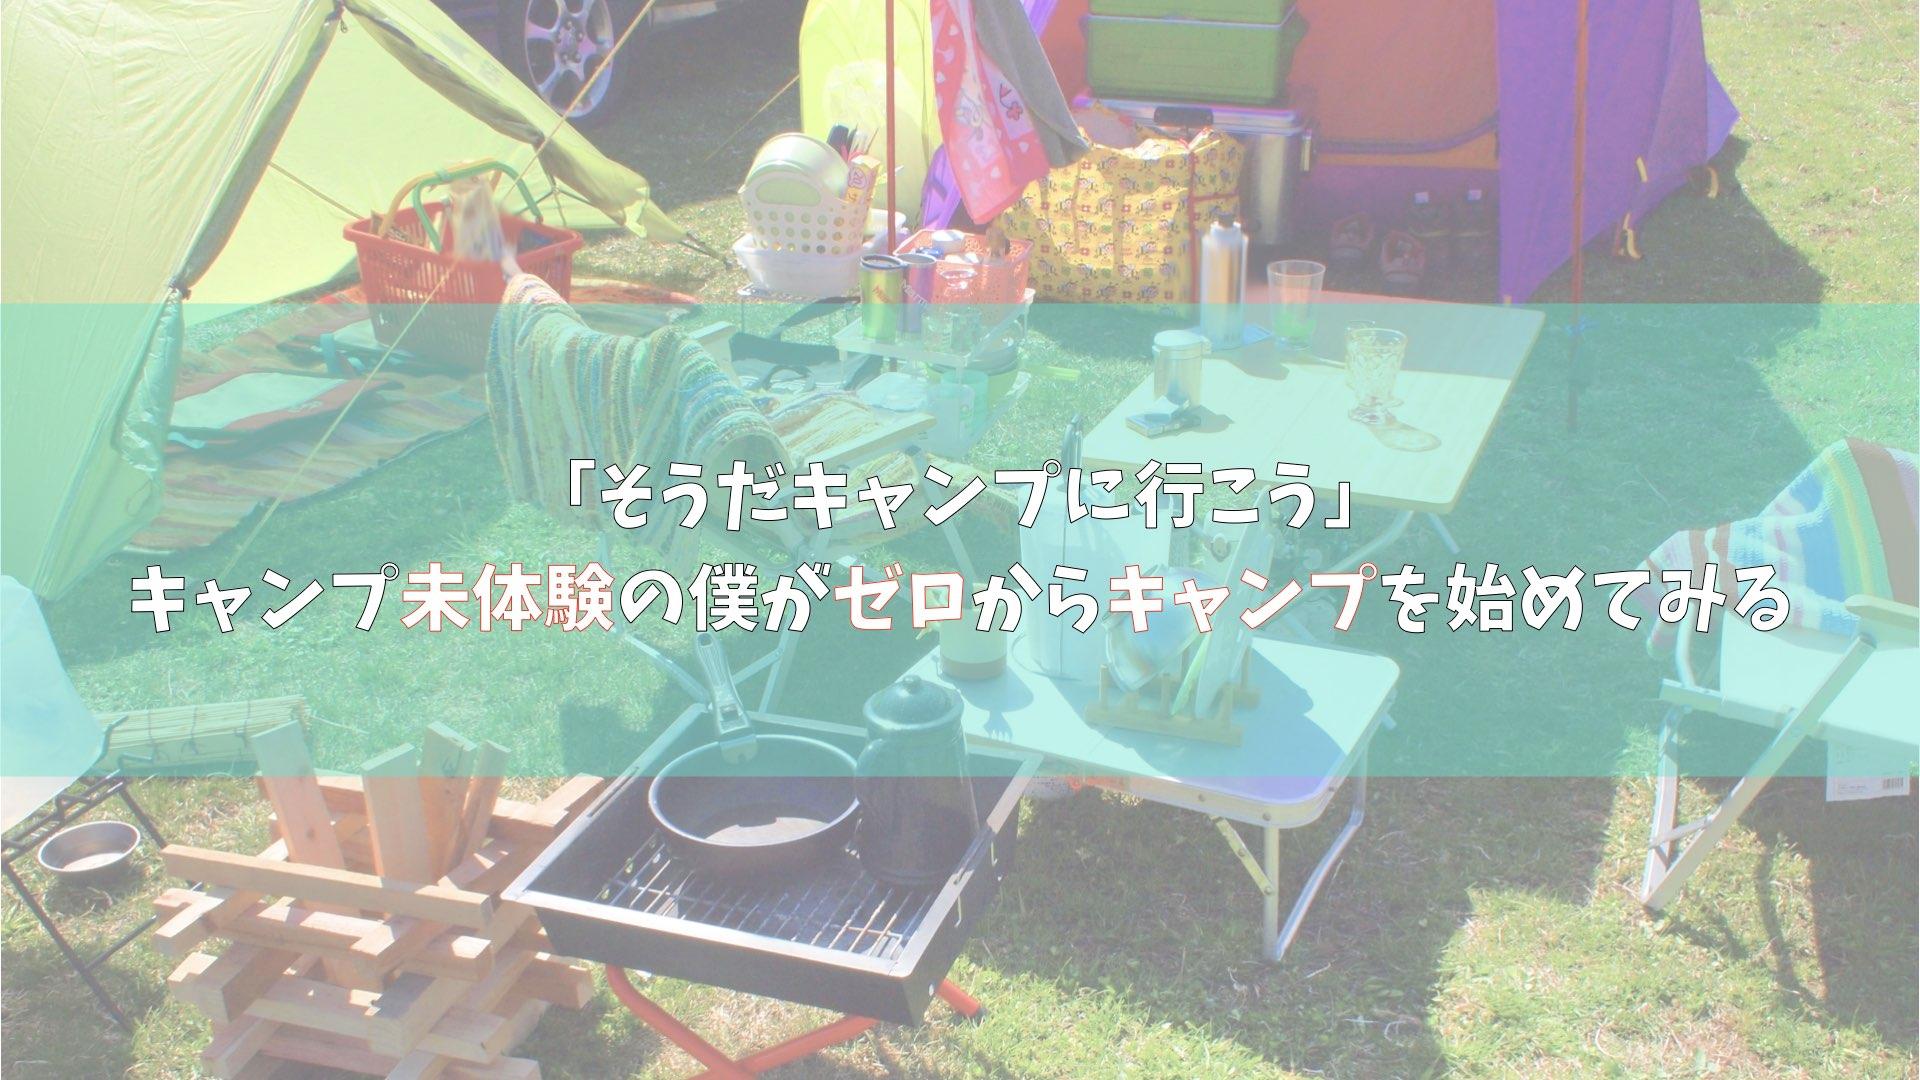 キャンプ未体験の僕がゼロからキャンプを始めてみる